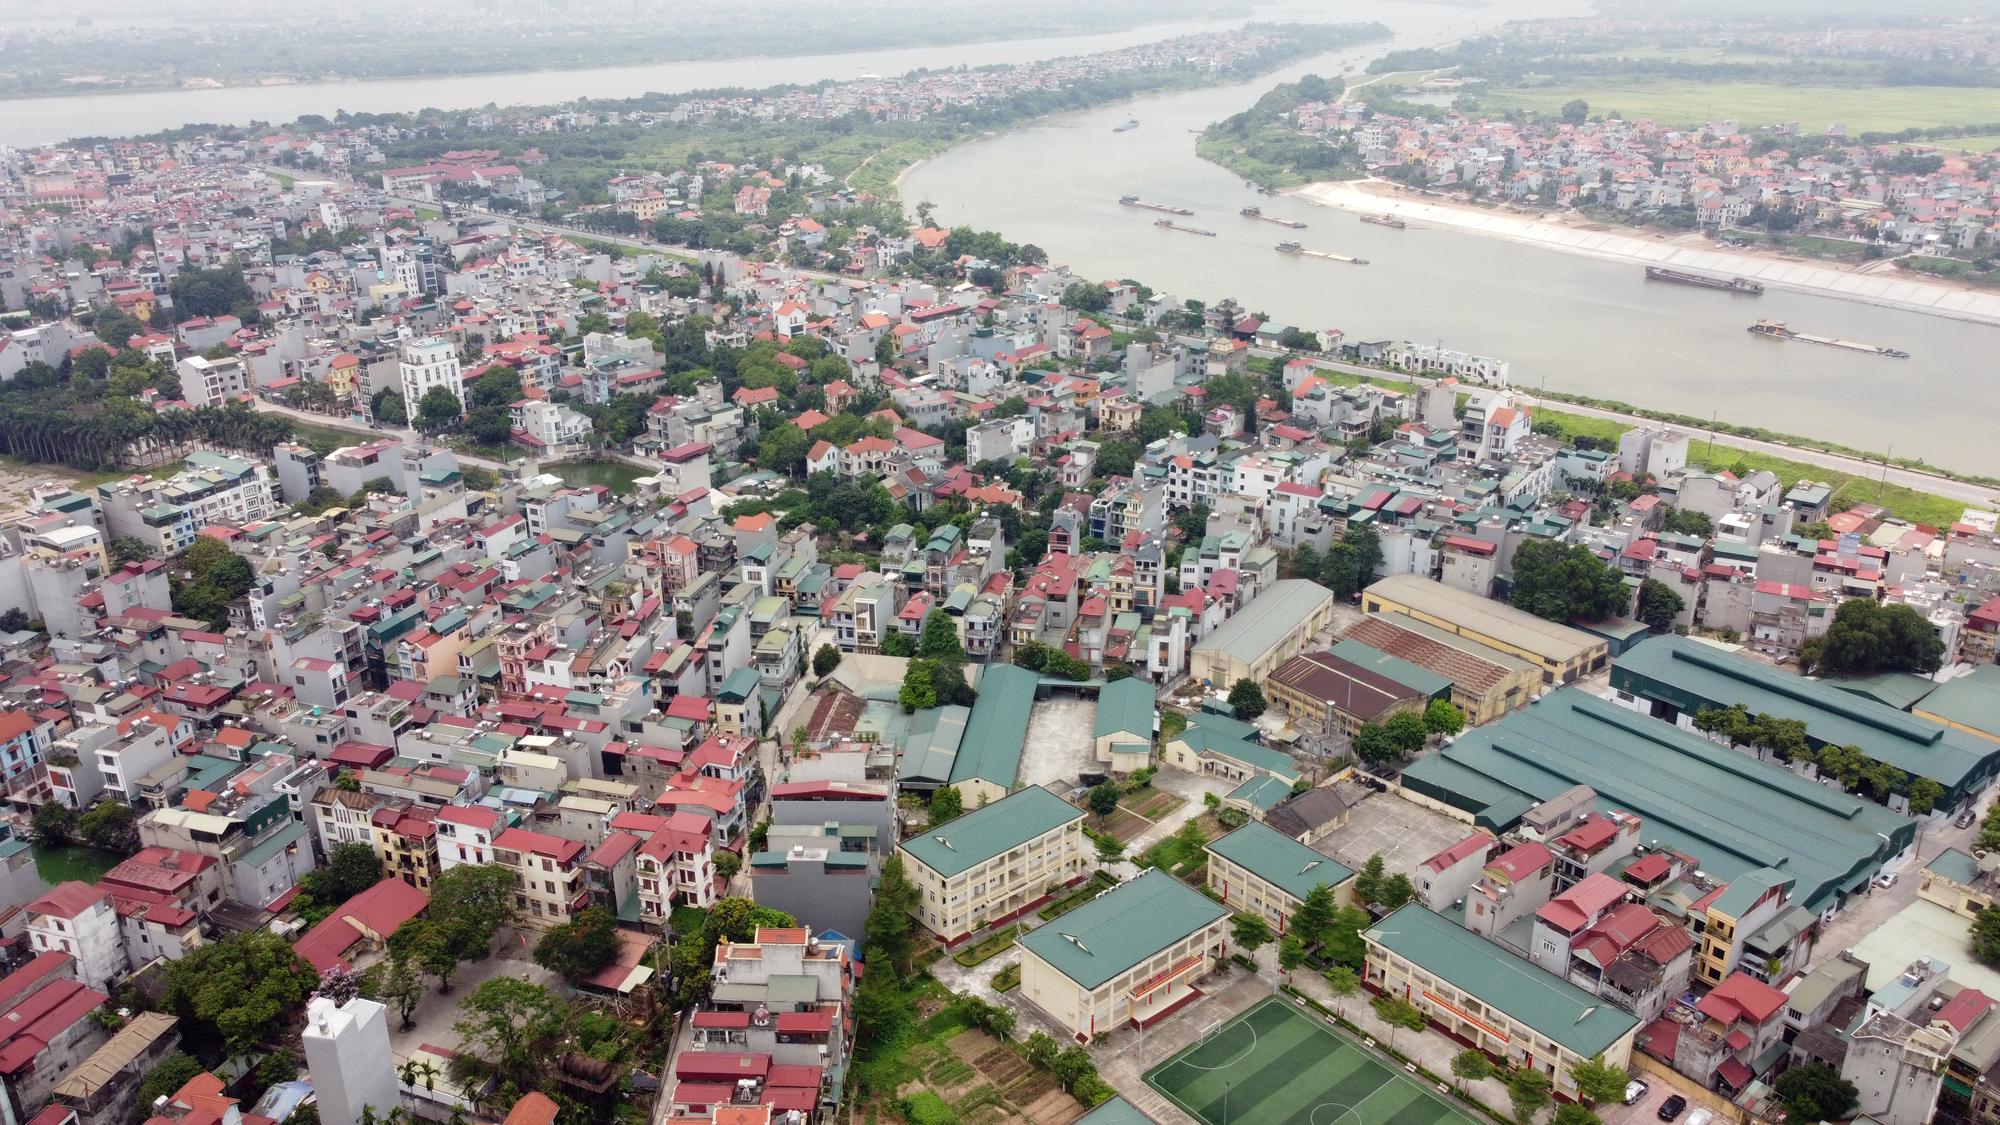 Hà Nội: Toàn cảnh các khu dân cư ven sông Hồng, sông Đuống thuộc diện di dời - Ảnh 21.